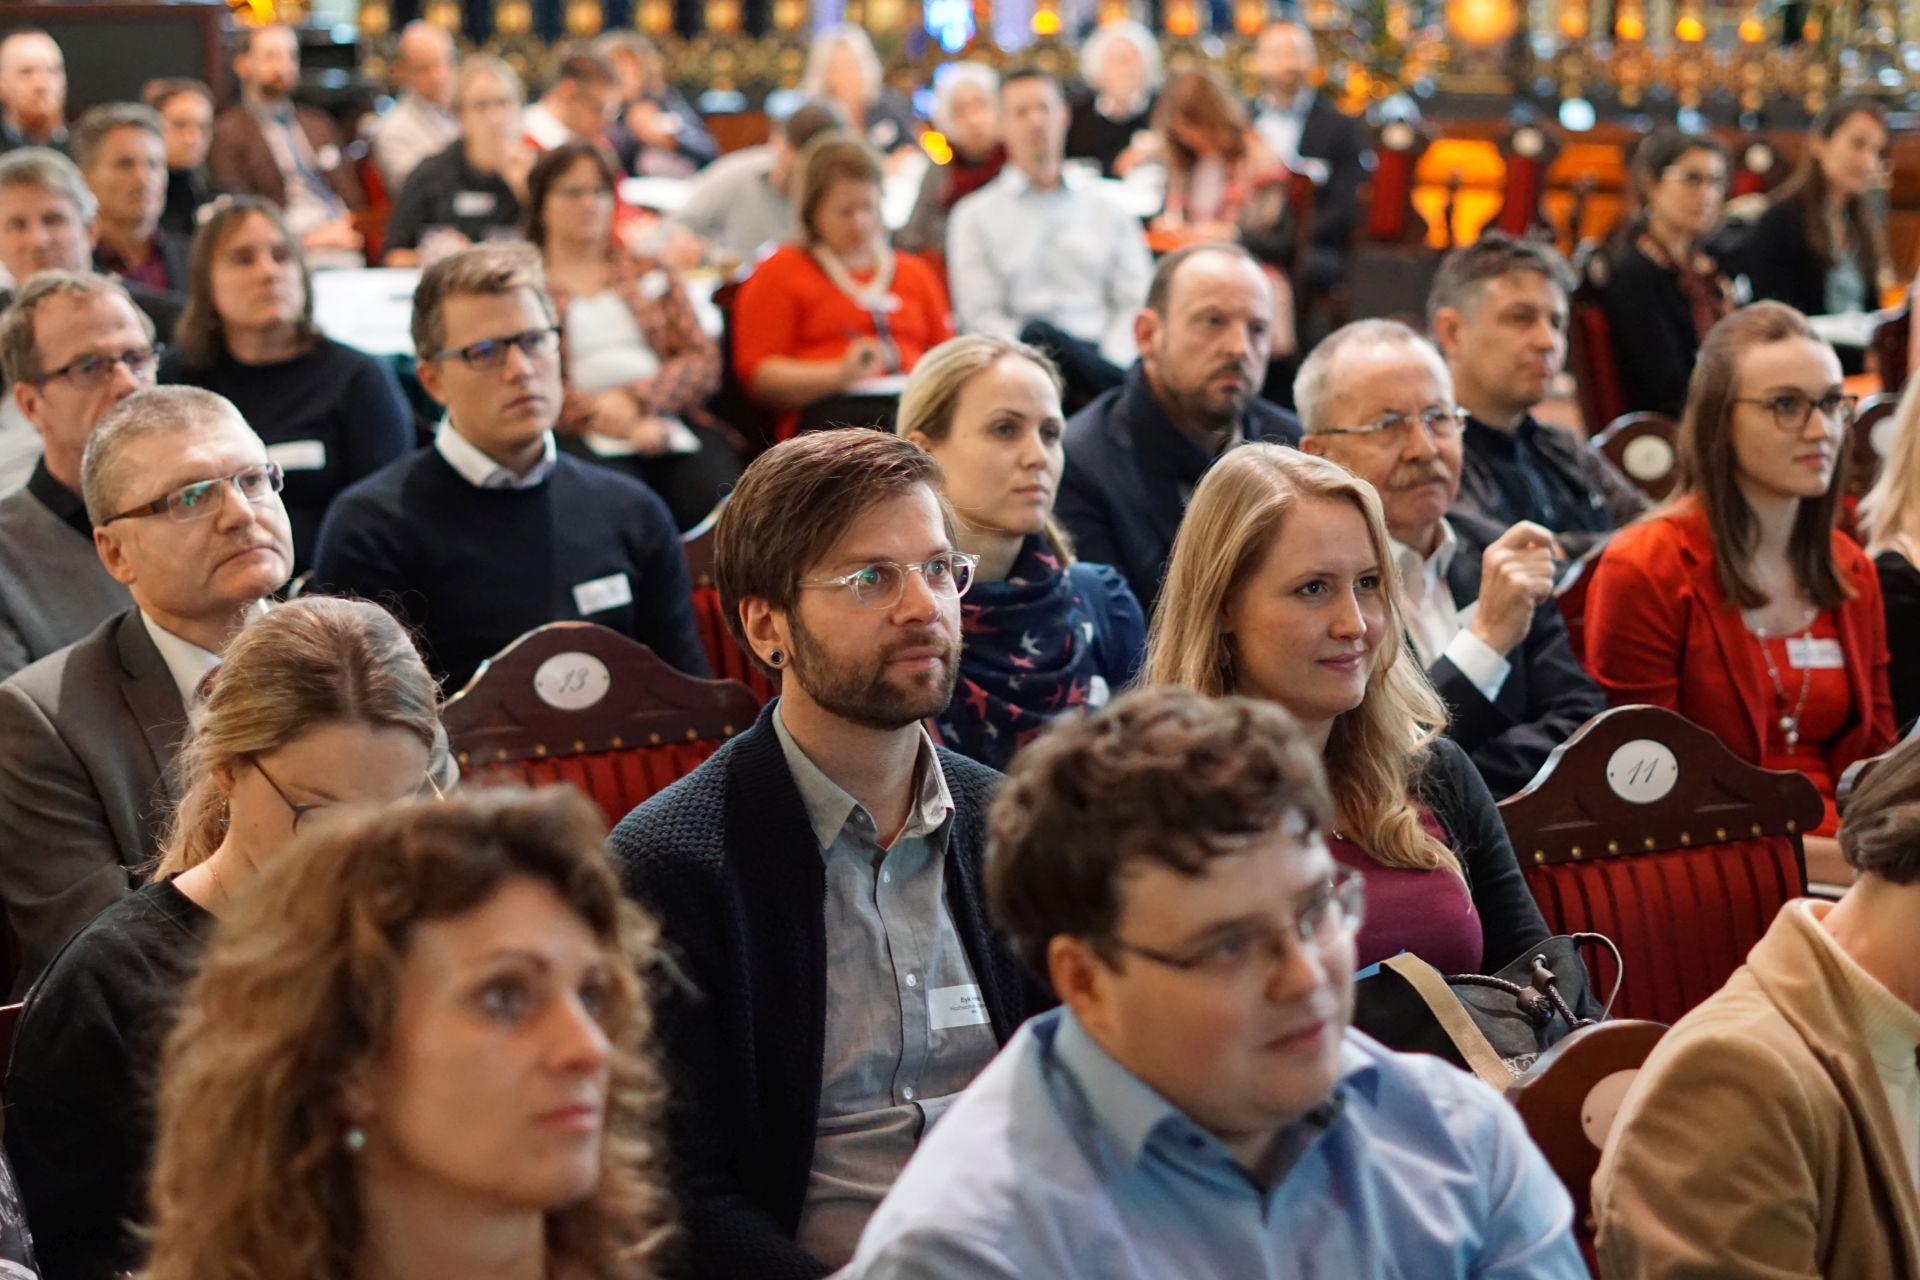 Einblicke in den 2. Nachhaltigkeitstag Wirtschaft 2018 im Parktheater Kurhaus Göggingen.